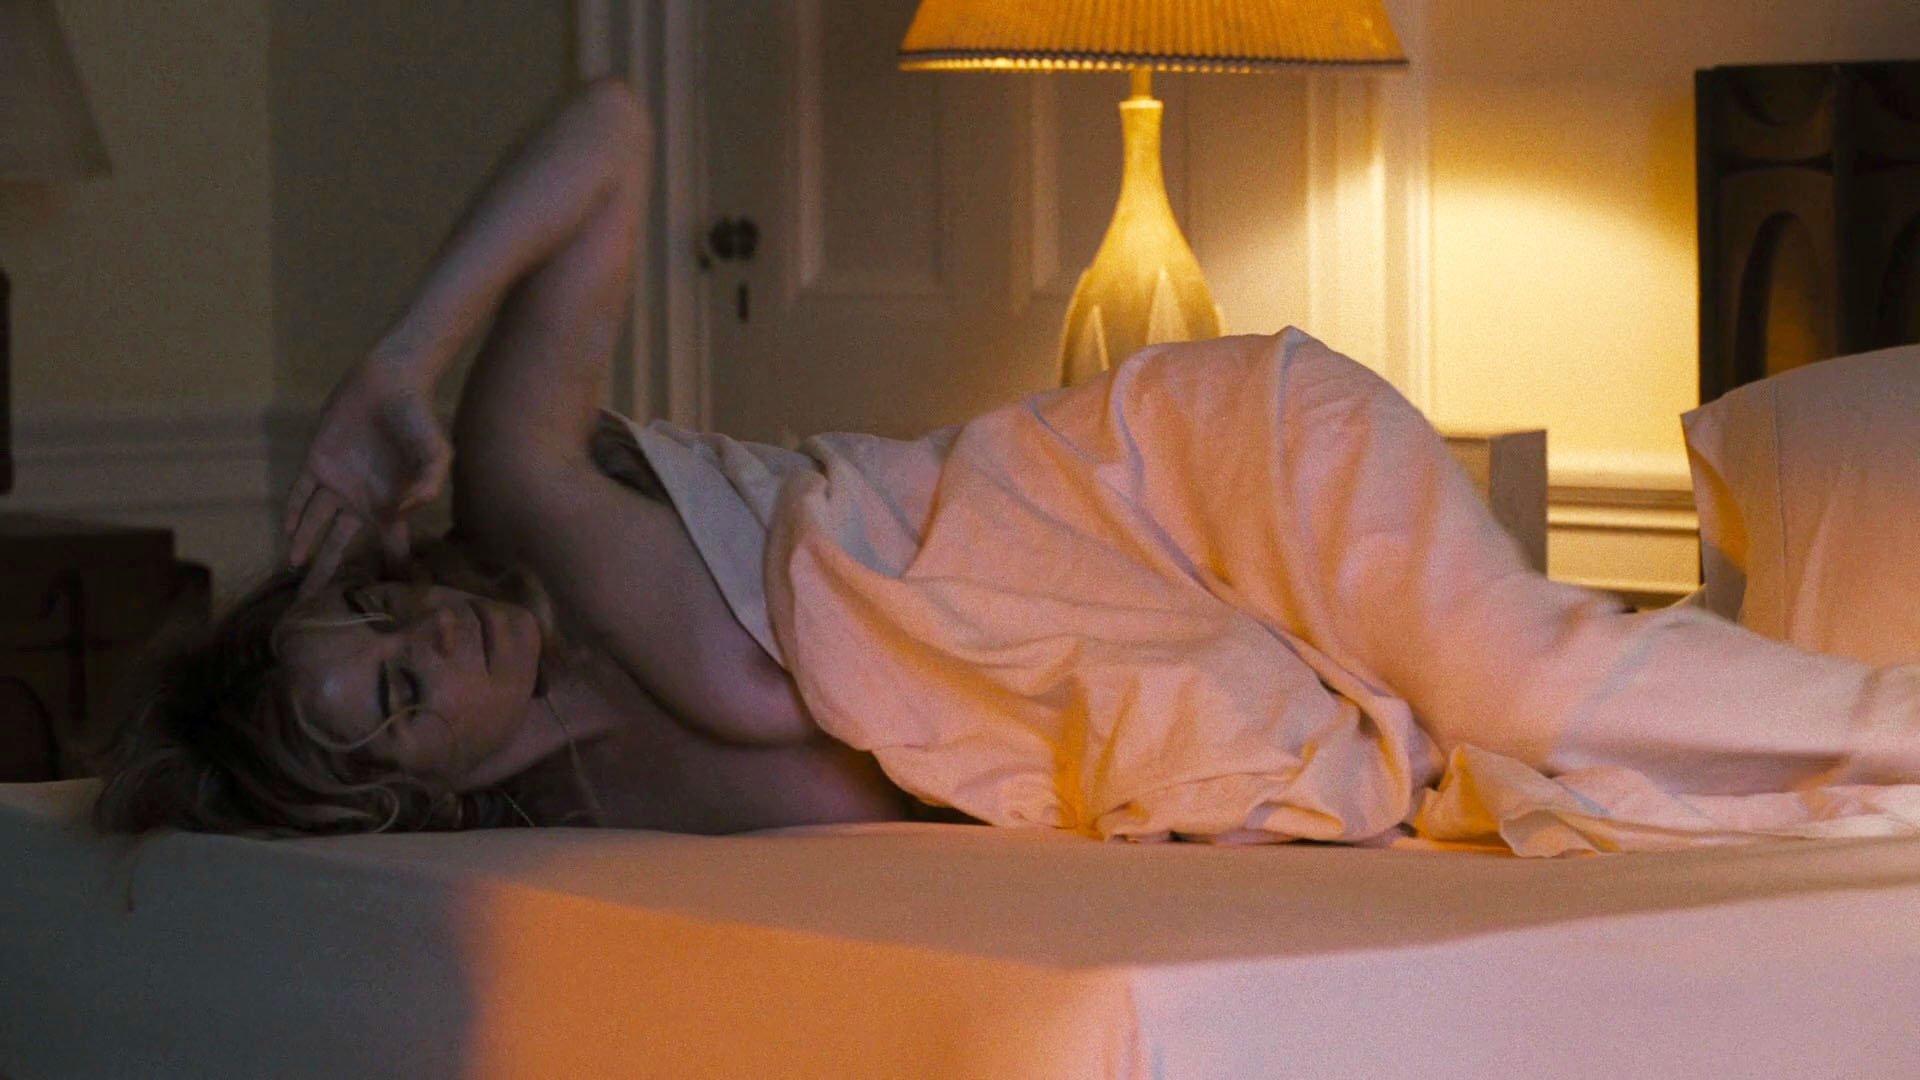 Jamie Neumann nude - The Deuce s01e07 (2017)